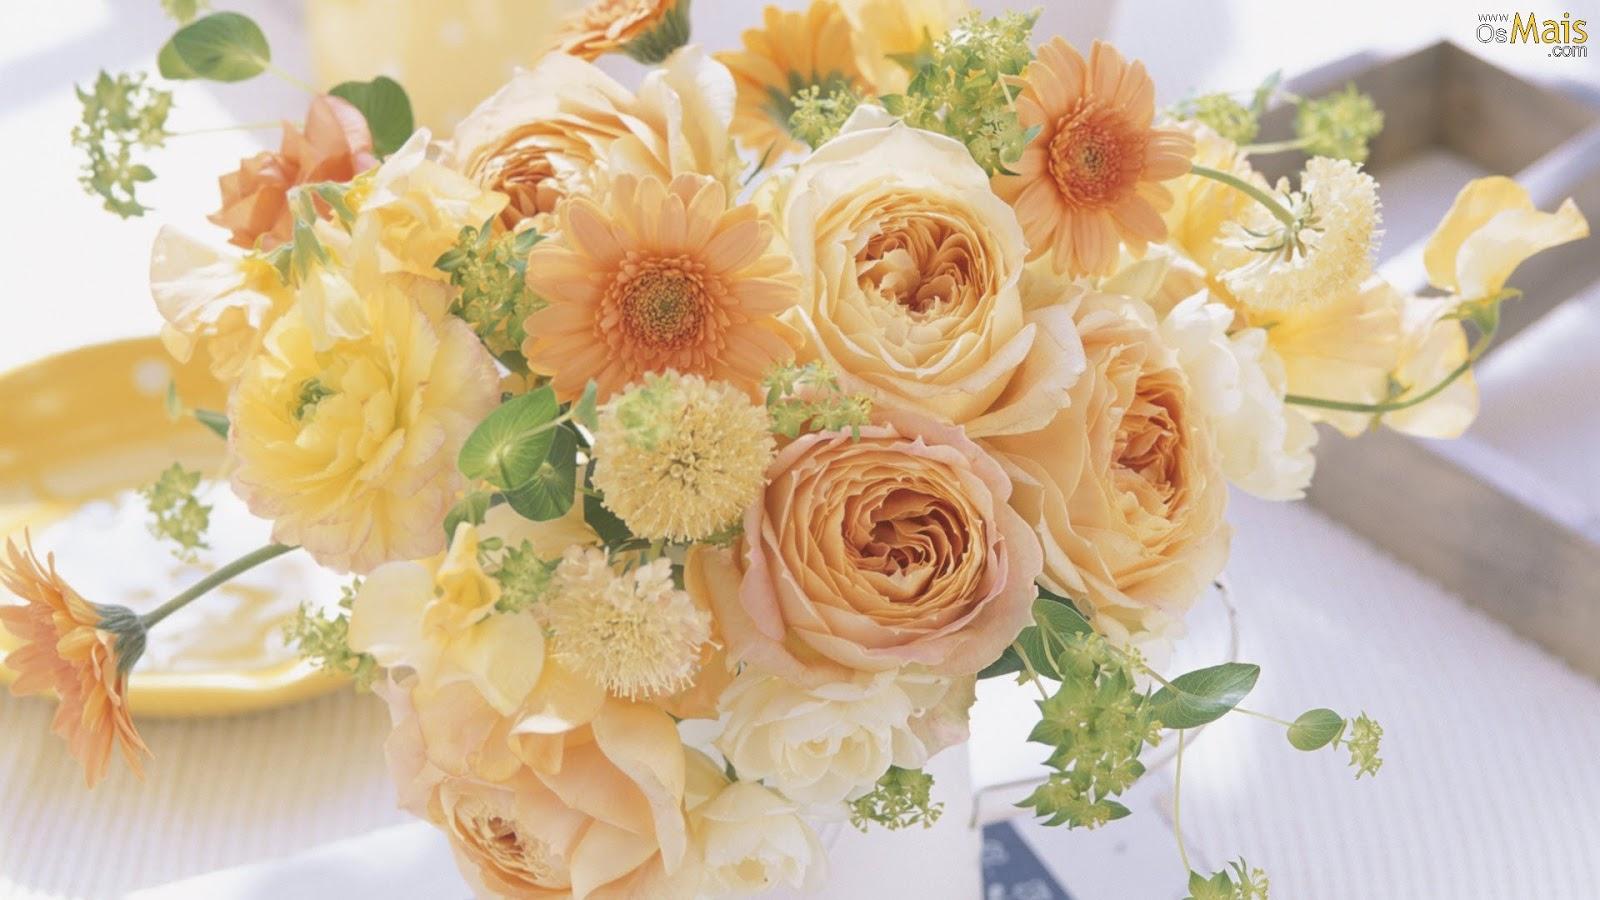 7 imagenes de regalos de rosas rojas y frases tiernas para